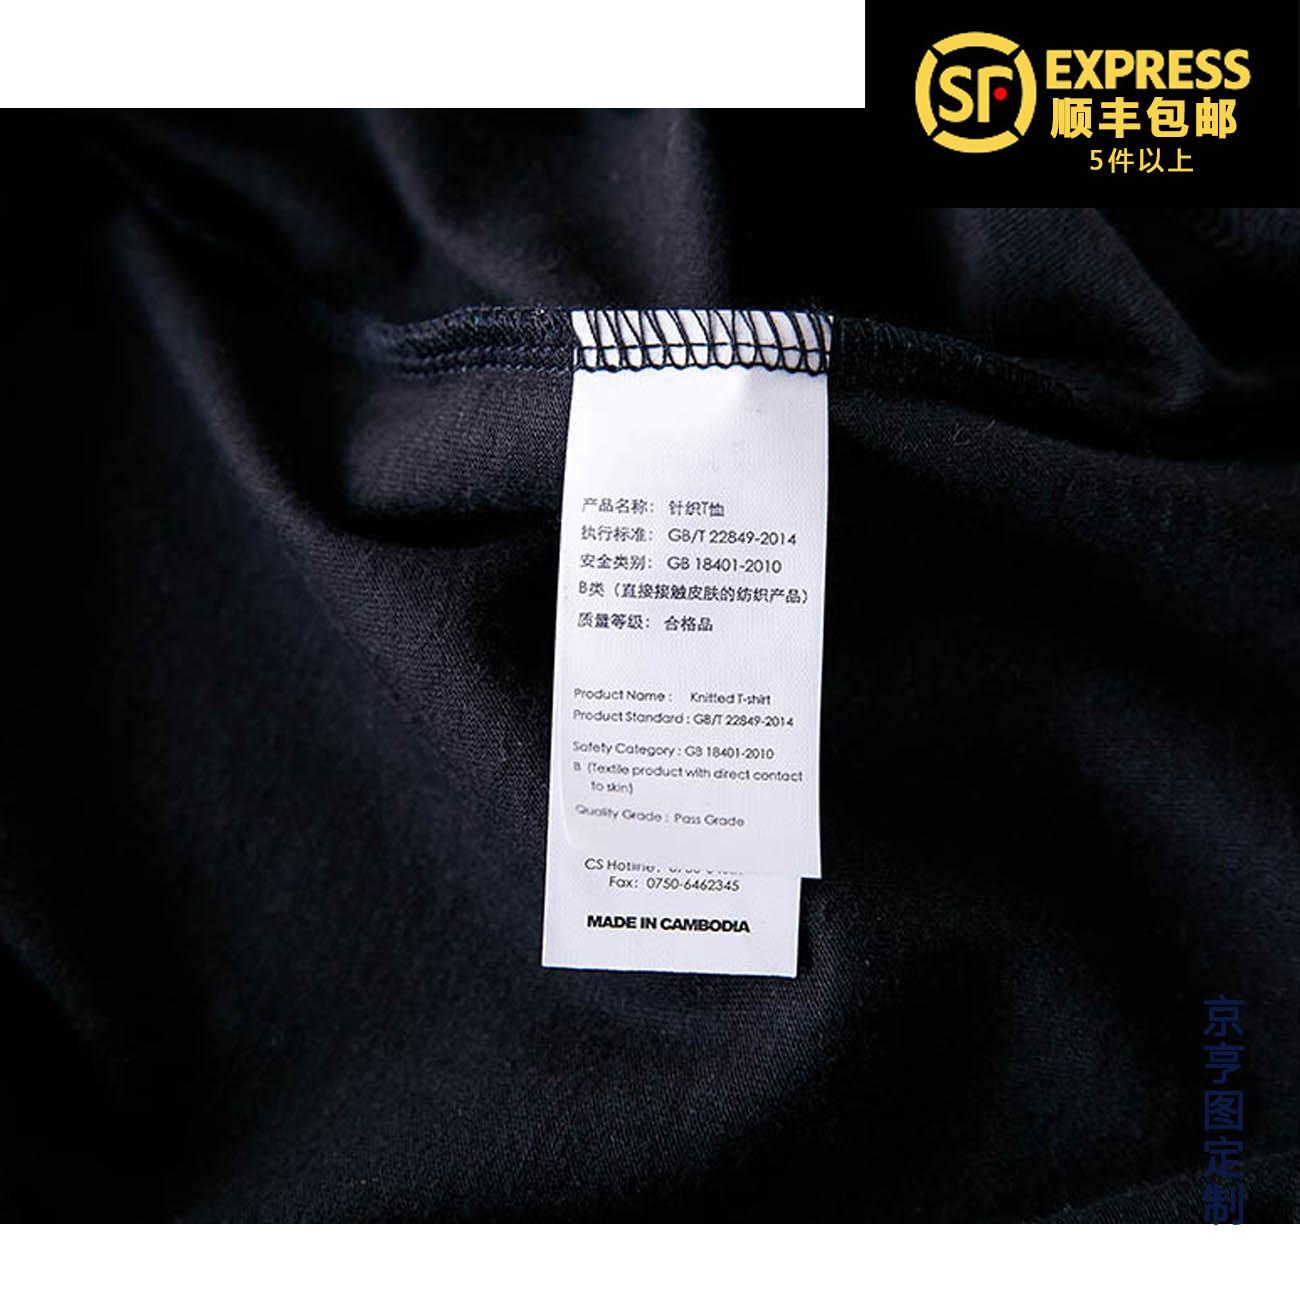 纯棉圆领t恤短袖定制订制定做女款文化衫精梳棉印图diy情侣衫亲子